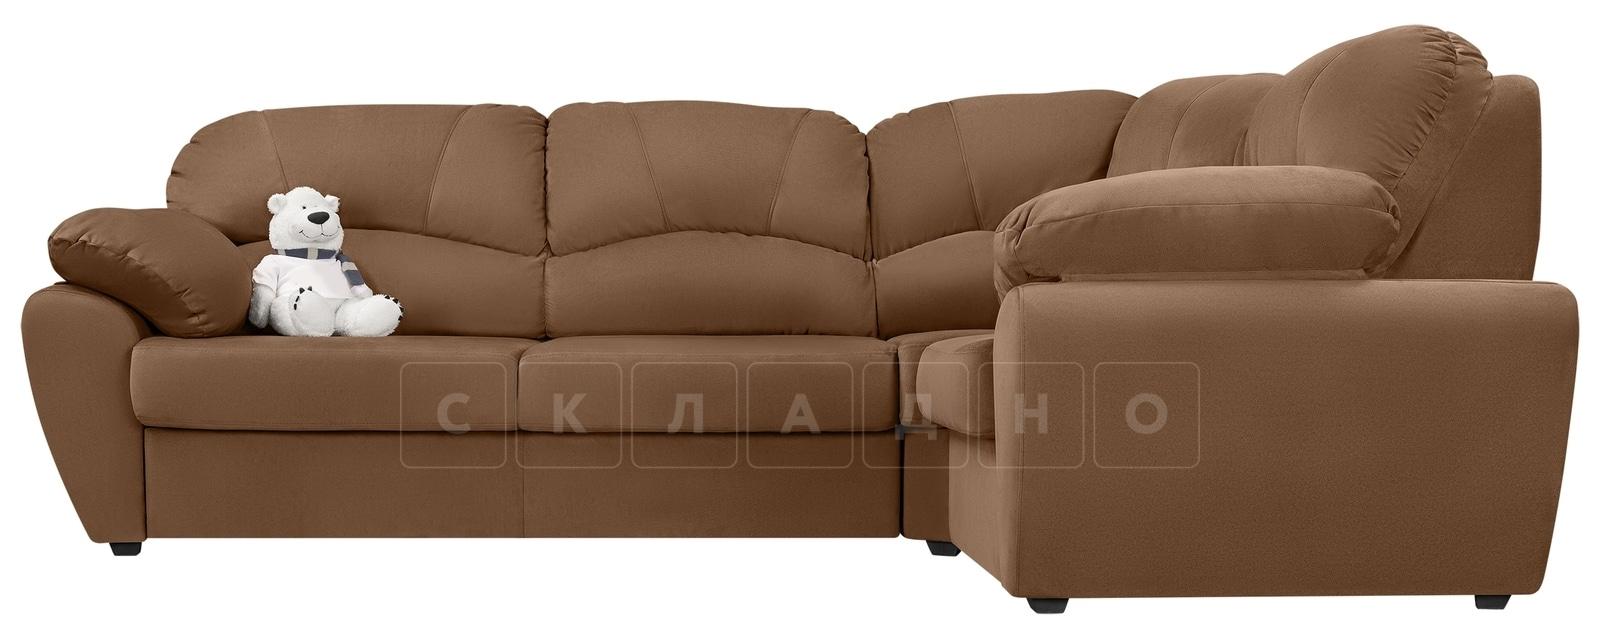 Угловой диван Эвита велюр коричневый правый угол фото 2 | интернет-магазин Складно